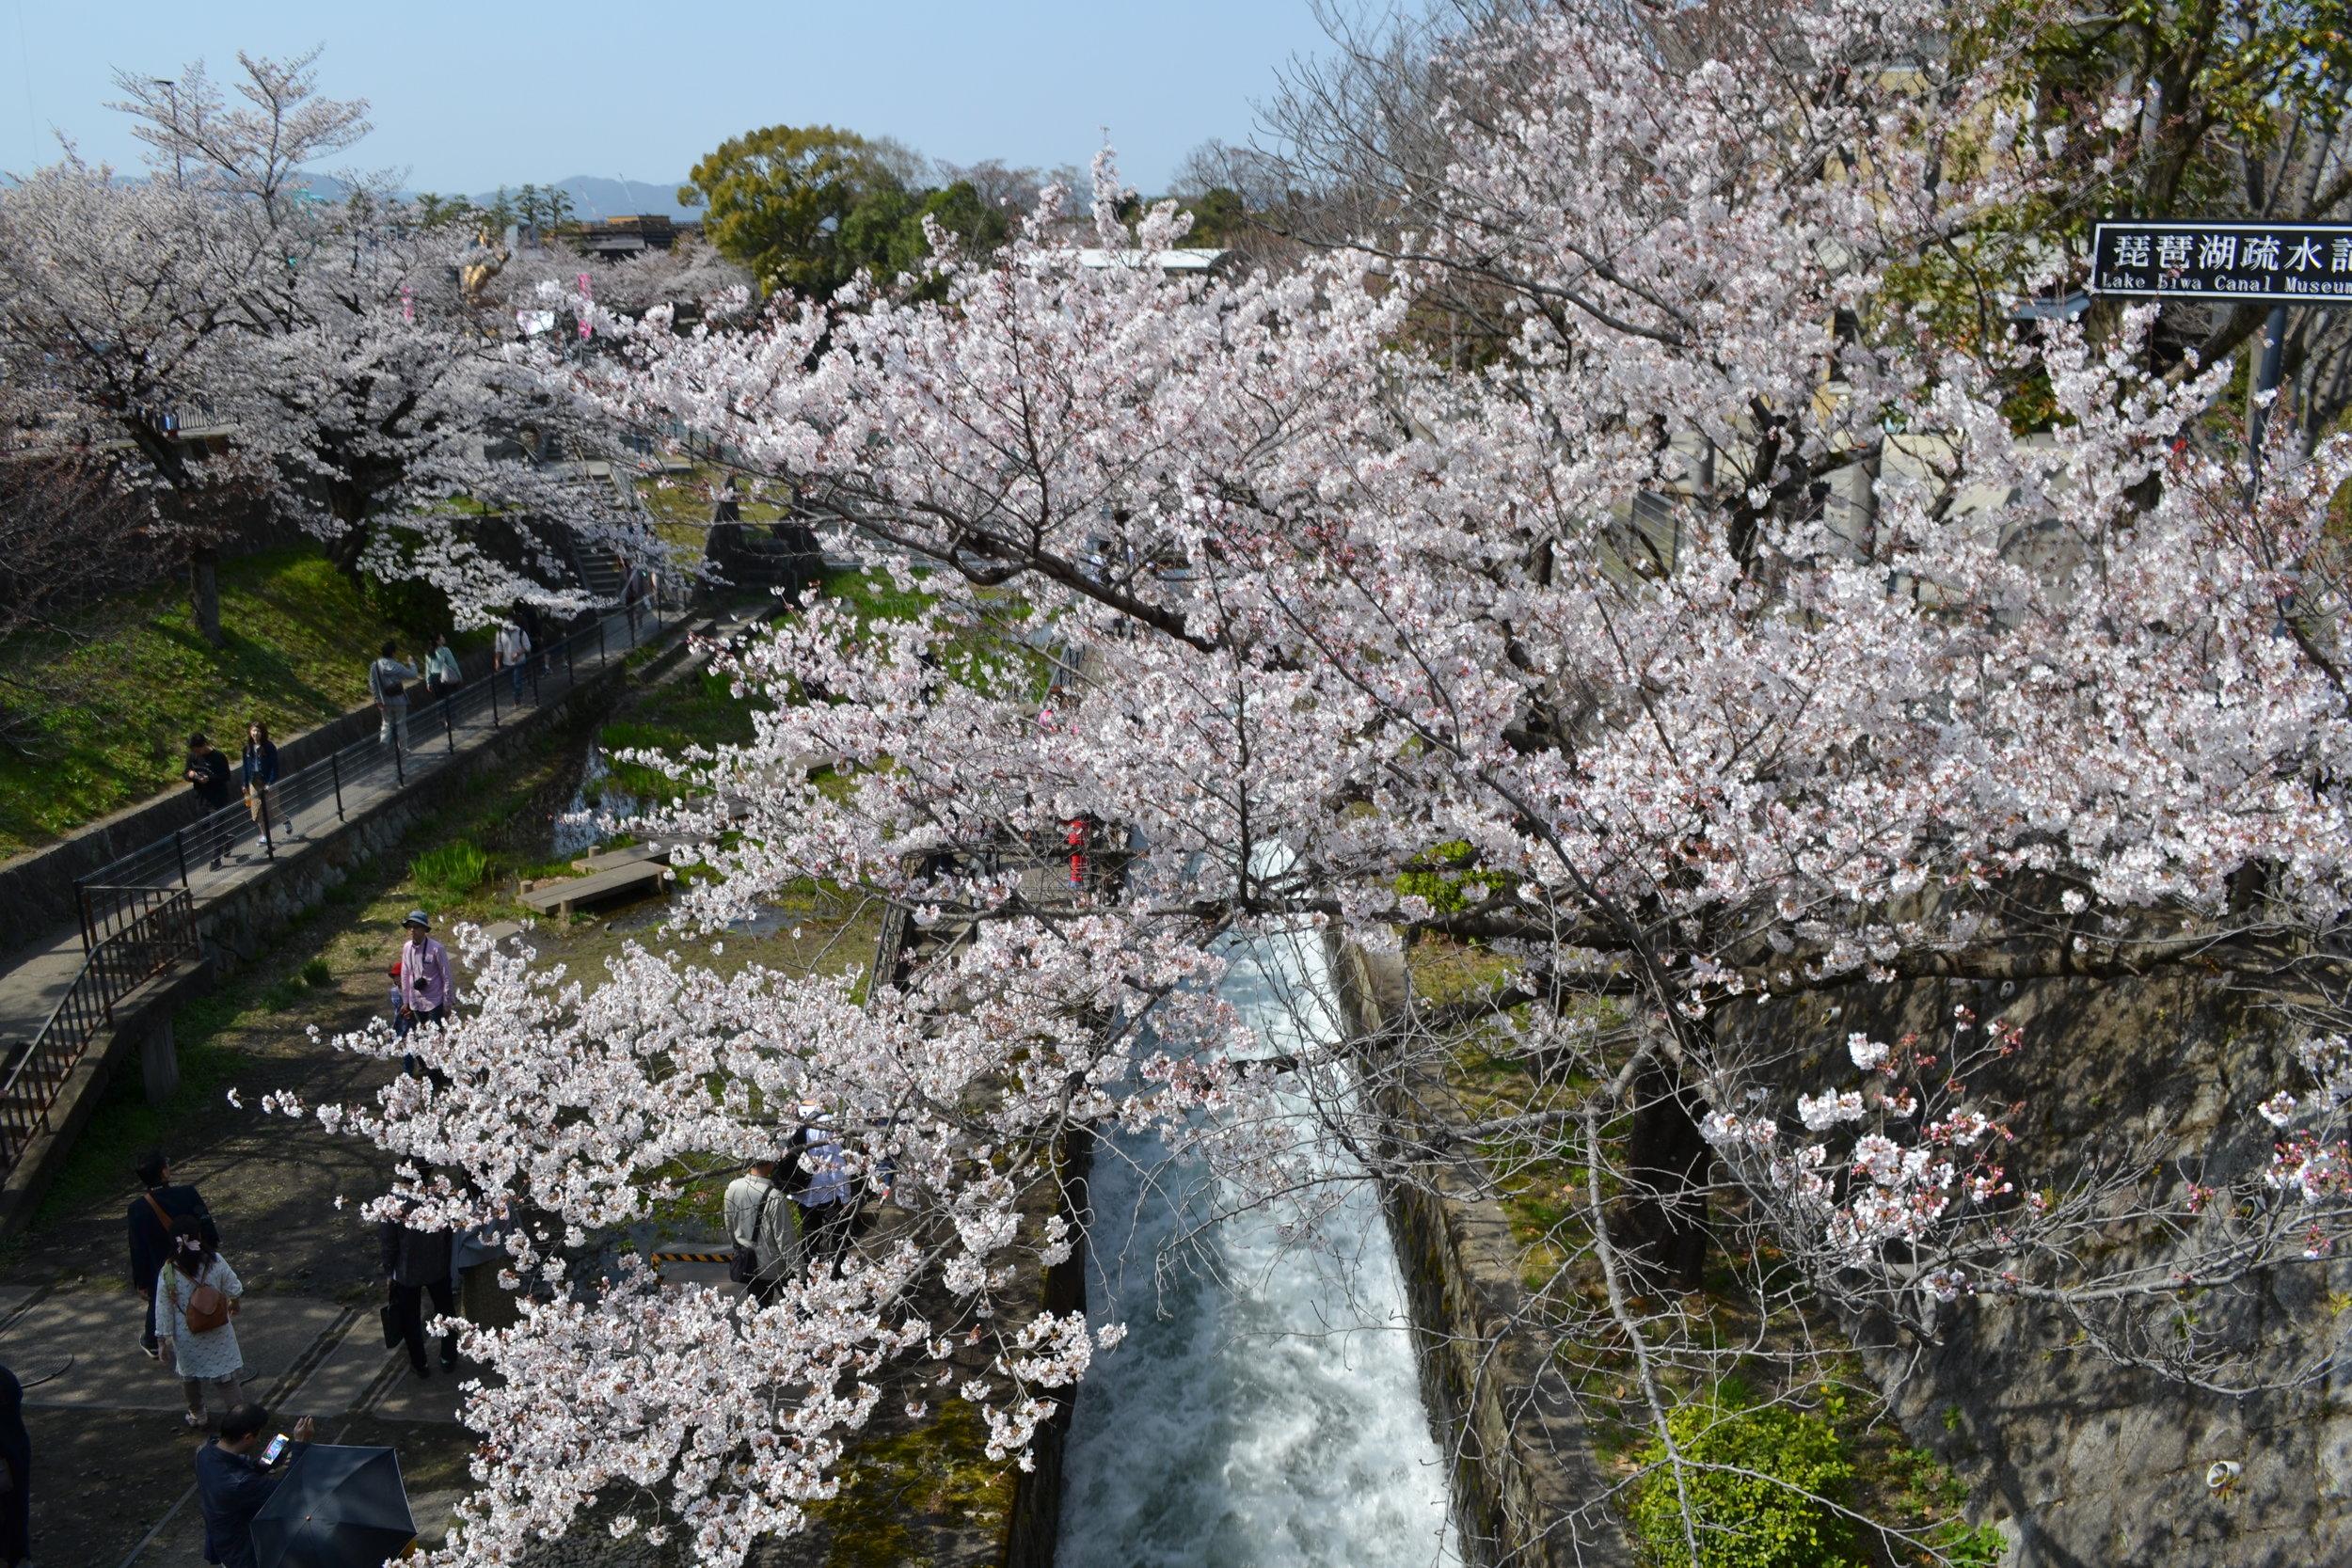 Me gusto esta vista de las flores de sakura porque esta este momento solo les he visto por debajo, ahora les podías ver de arriba. Era una perspectiva nueva y se podía bajar las escaleras para caminar por debajo de los árboles pero decidí seguir mi camino hacía el último lugar en mi lista de puestos de sakura para visitar.